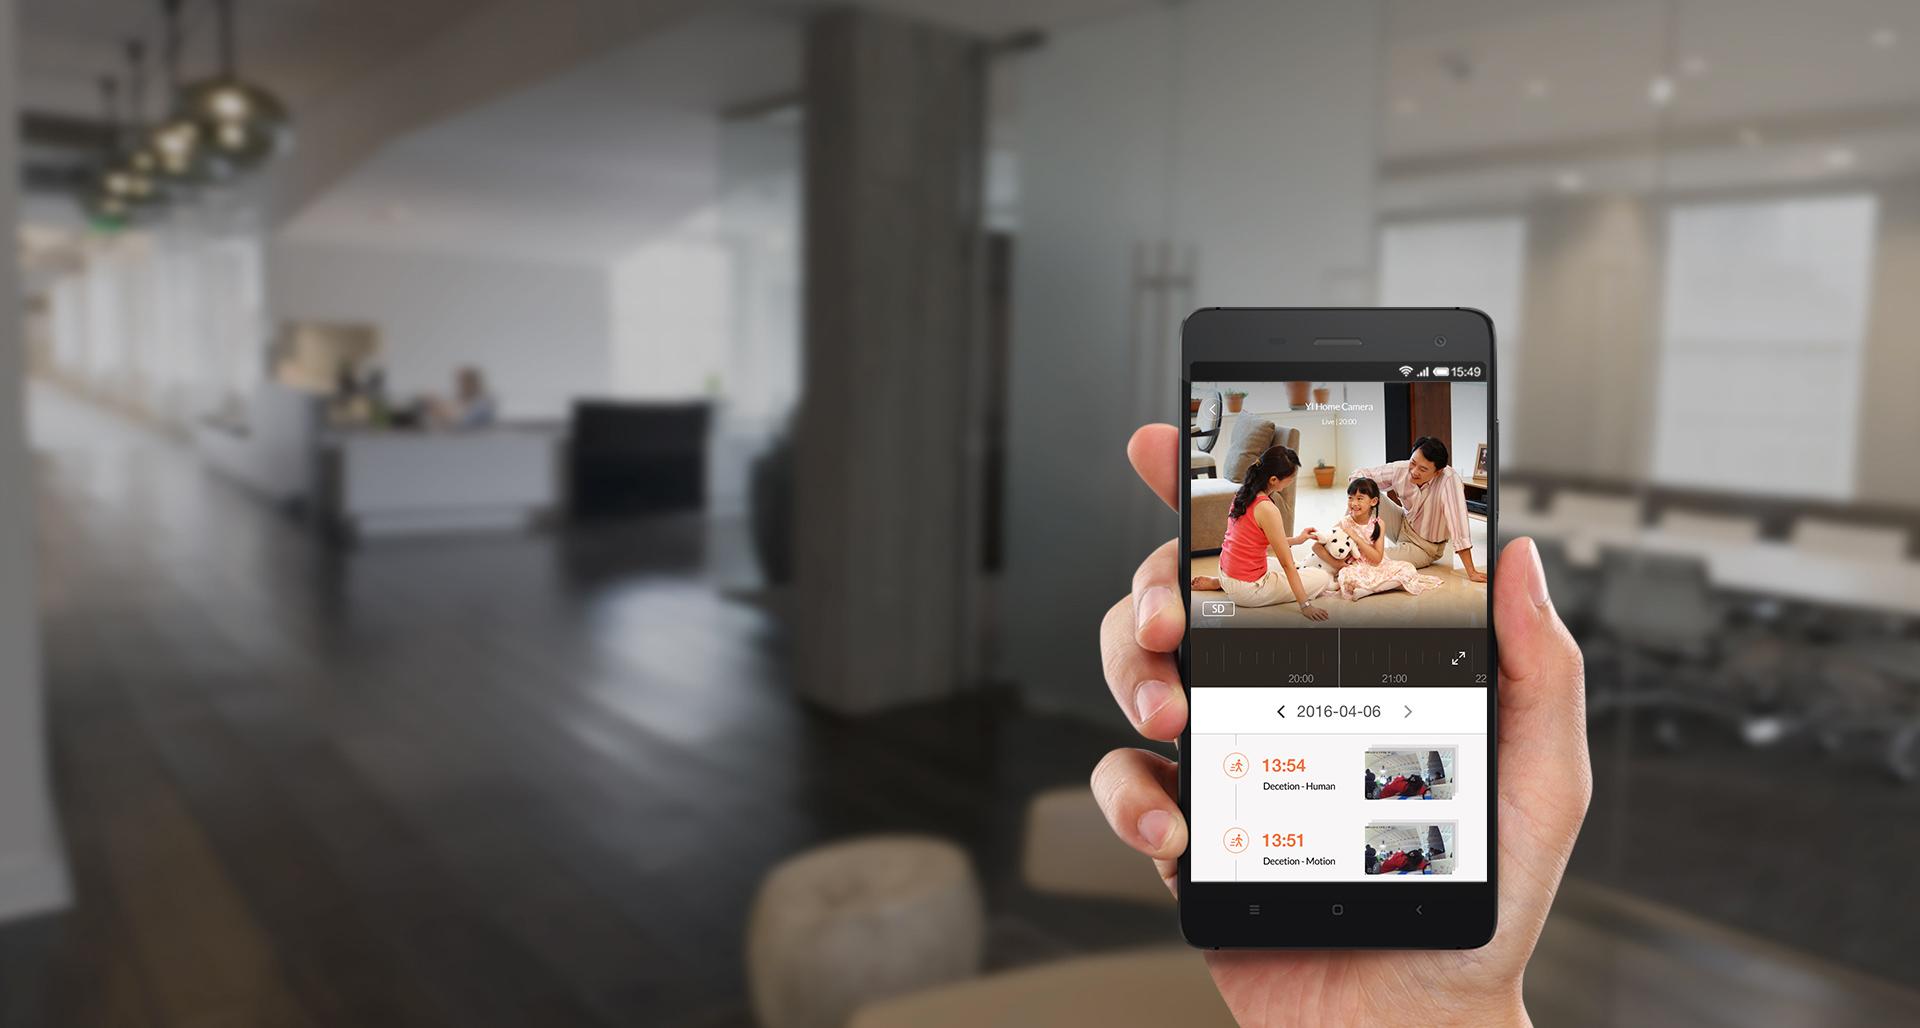 YI Home Camera | YI Technology